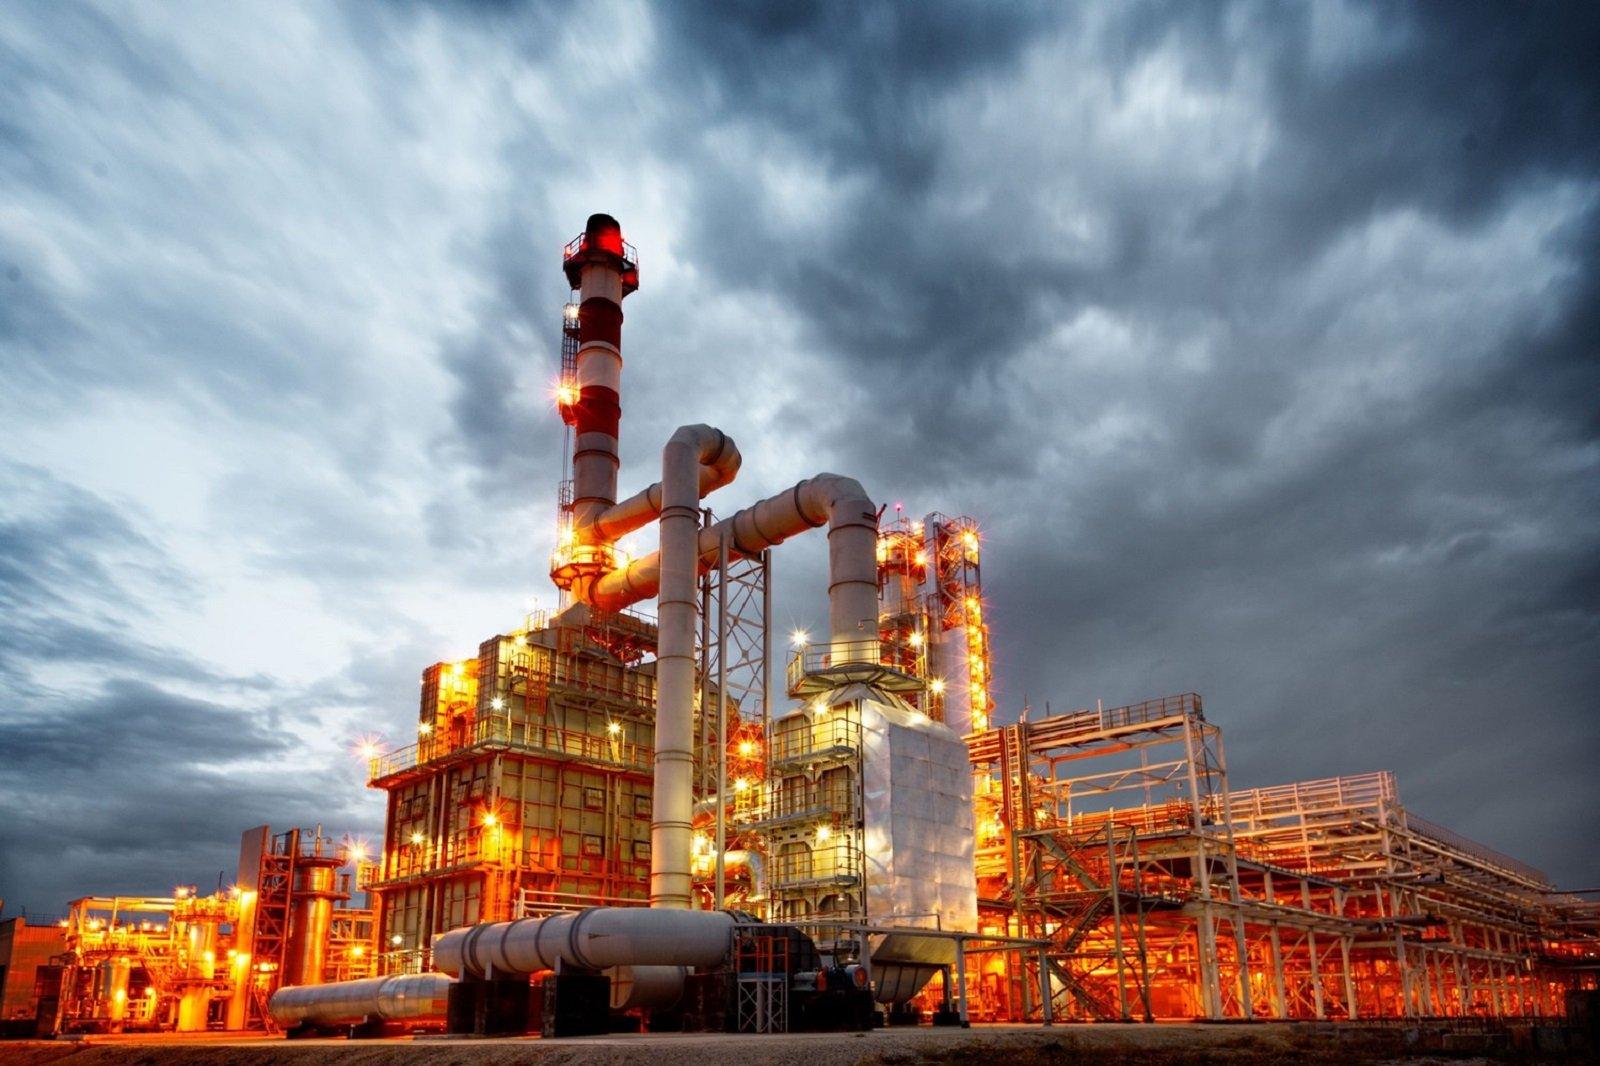 Представители Норникеля, Интер РАО и ММК расскажут об обеспечении комплексной безопасности своих объектов